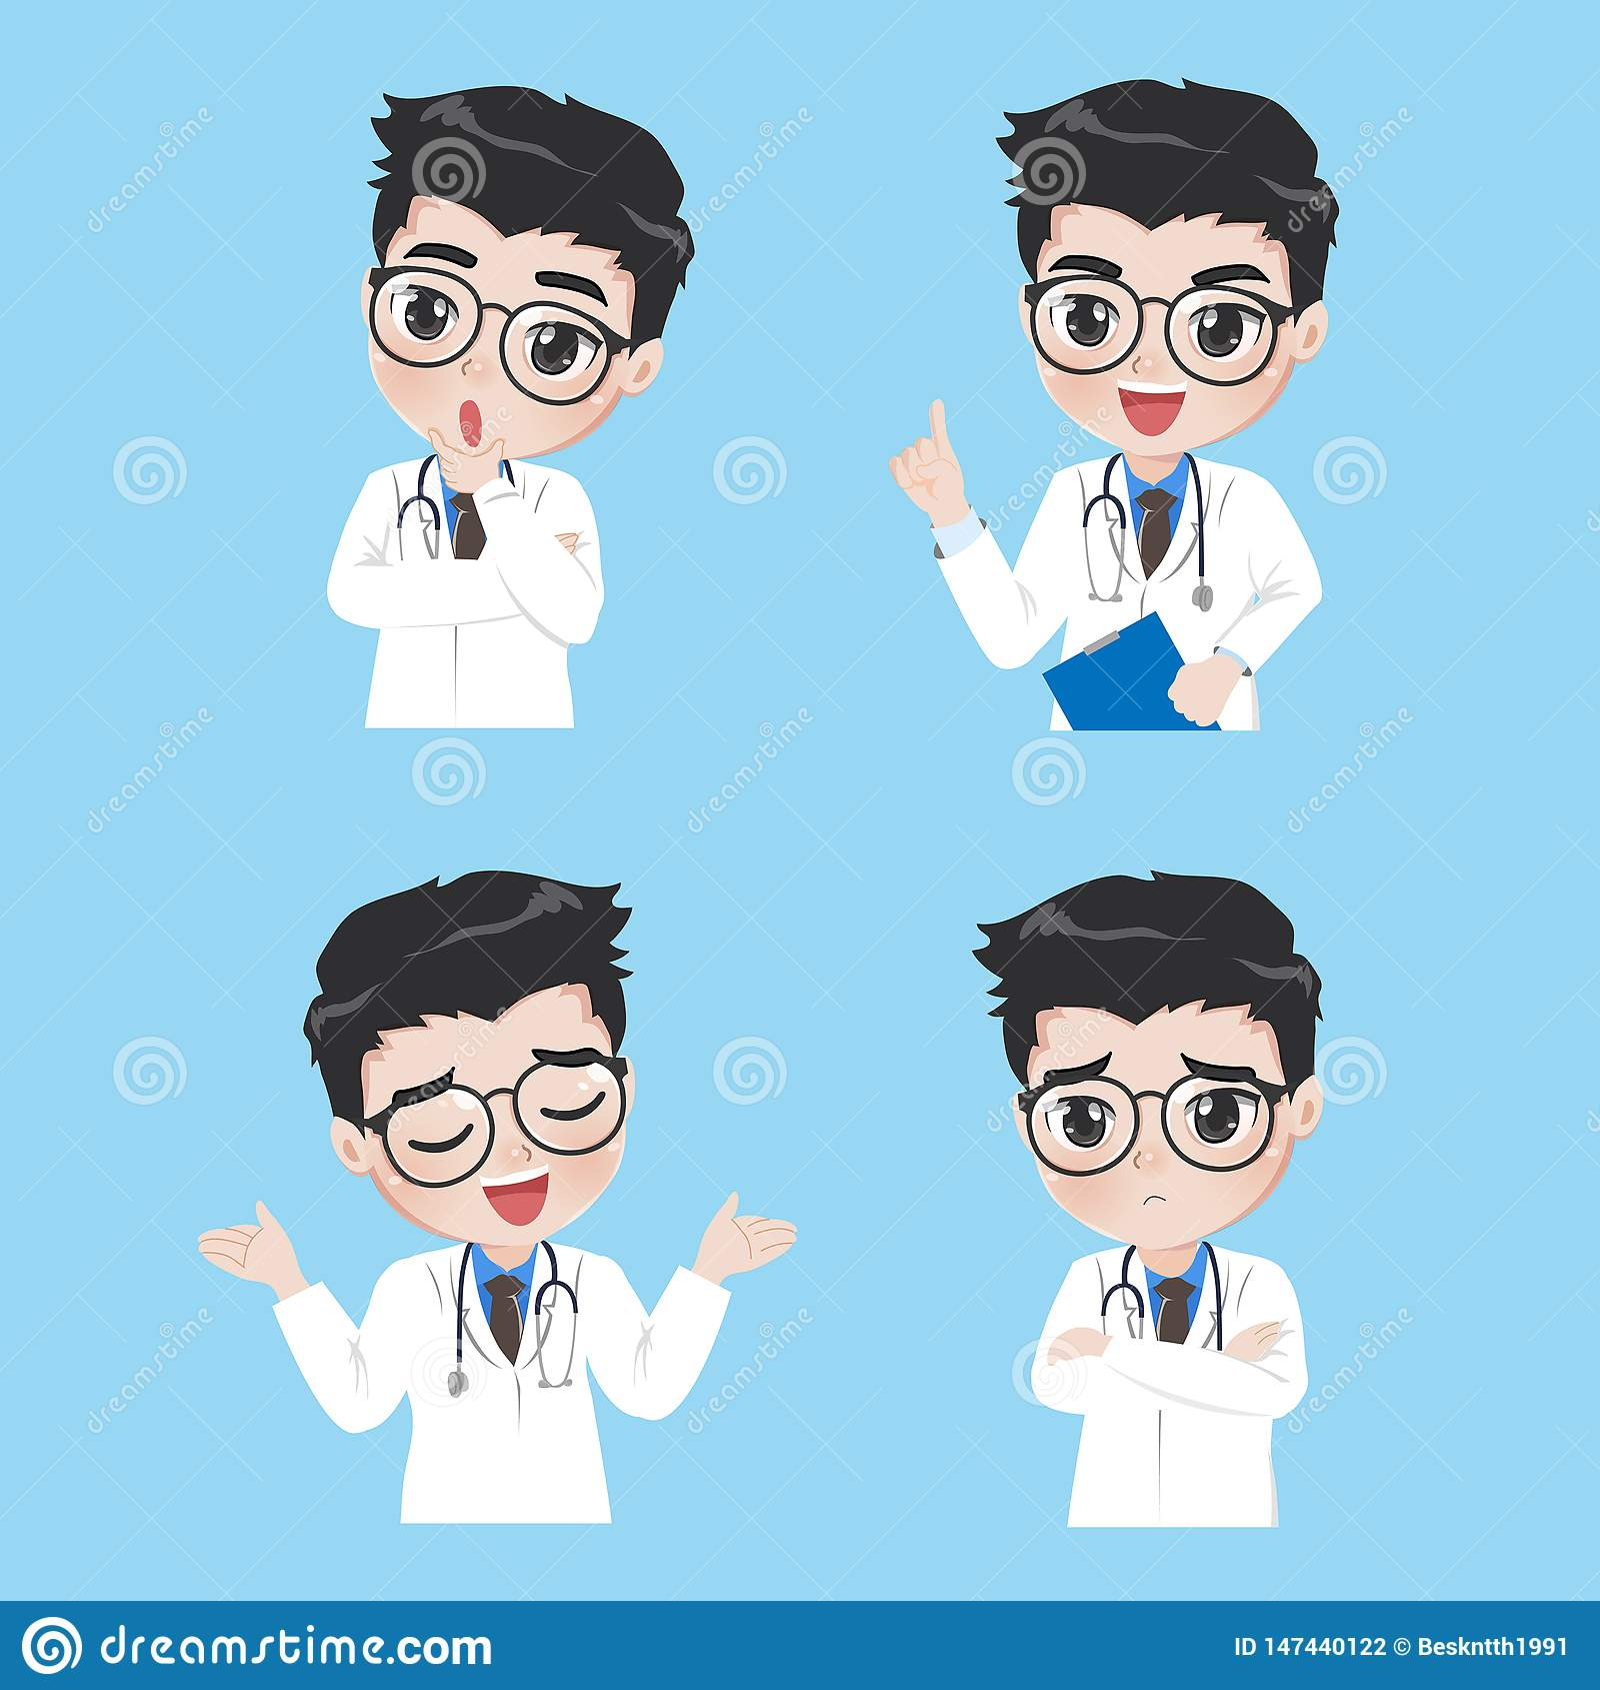 De arts toont een verscheidenheid van gebaren en acties in het werkkleren